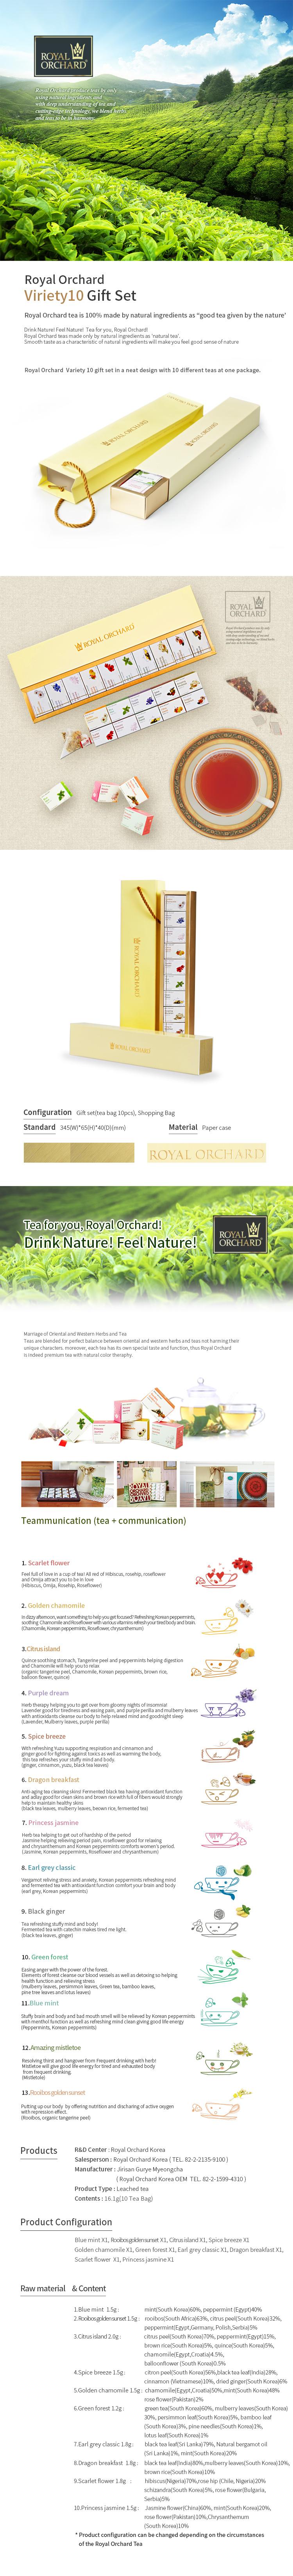 [Royal Orchard] Variety 10 Giftset